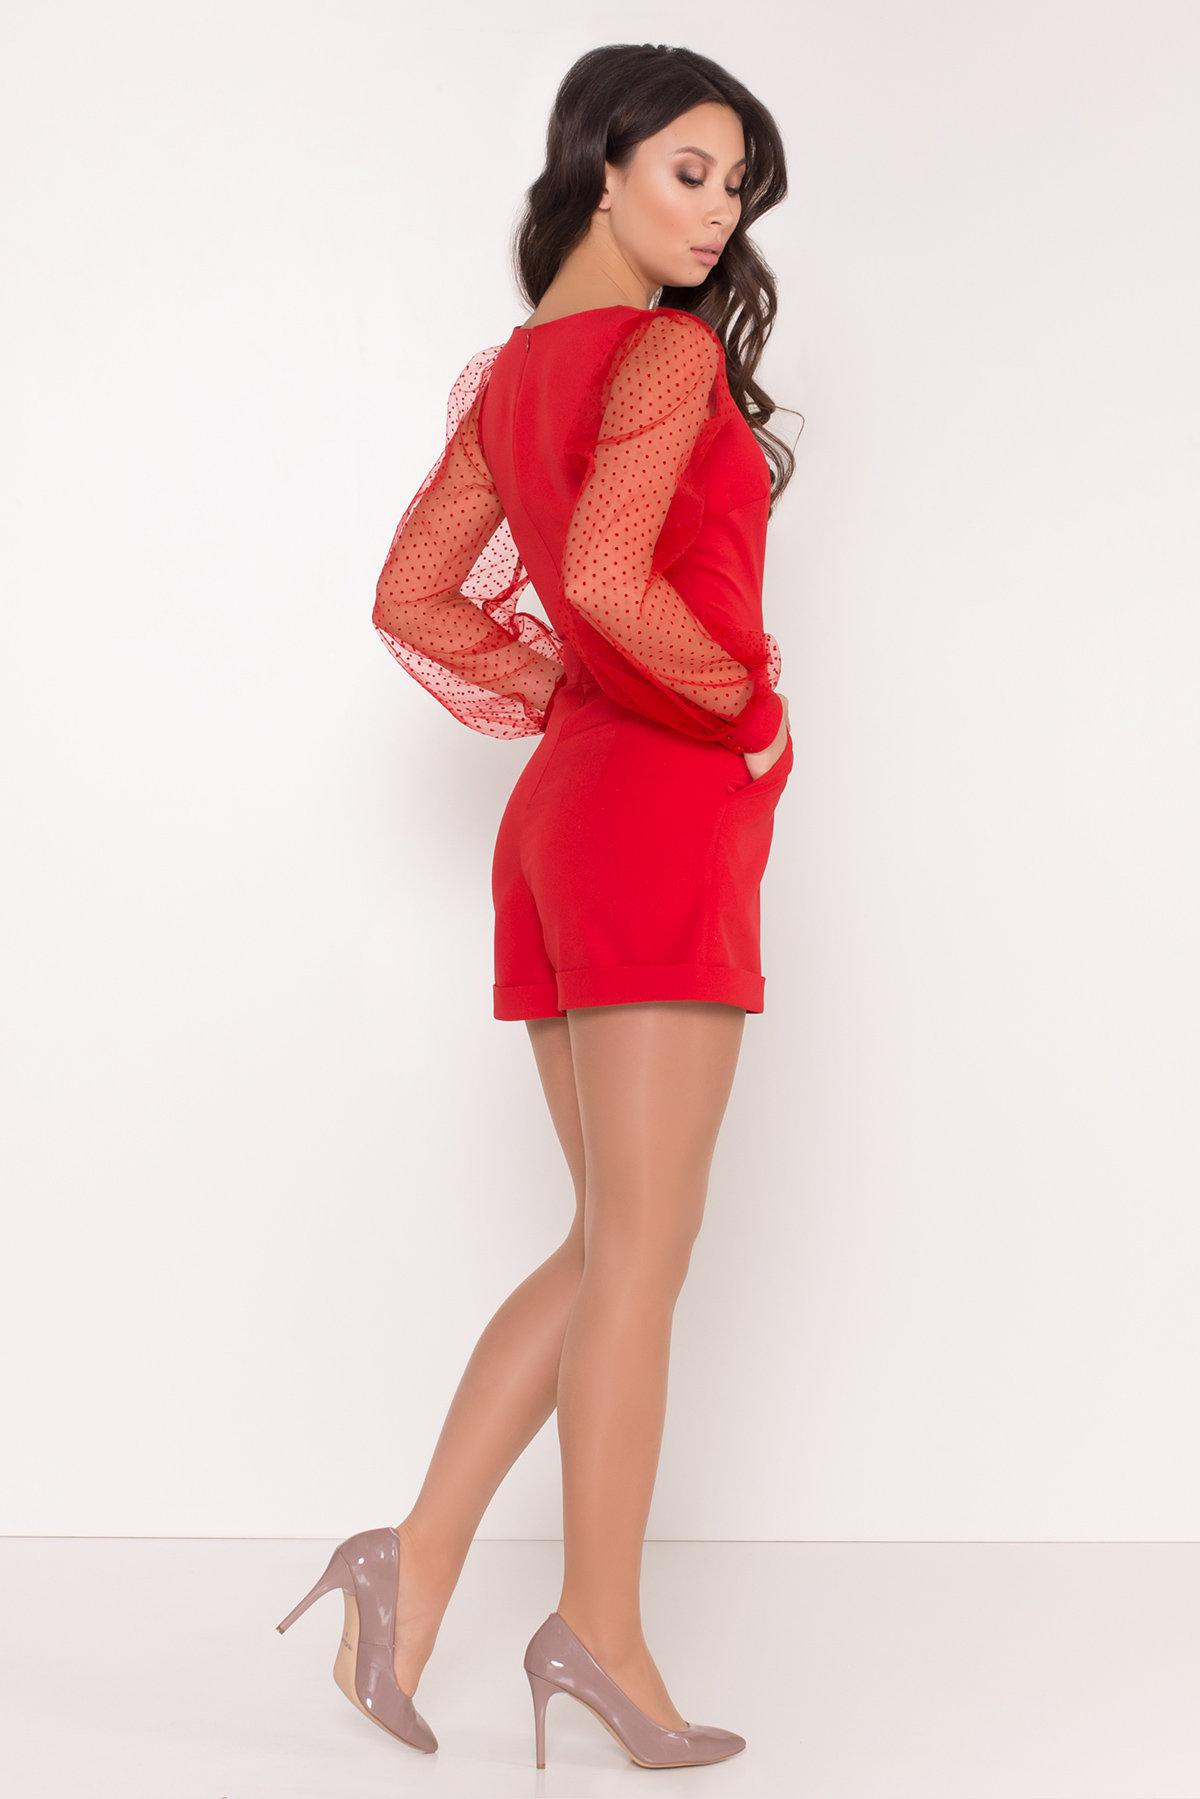 Стильный красный комбинезон с шортами Набель 8565 АРТ. 44880 Цвет: Красный - фото 3, интернет магазин tm-modus.ru